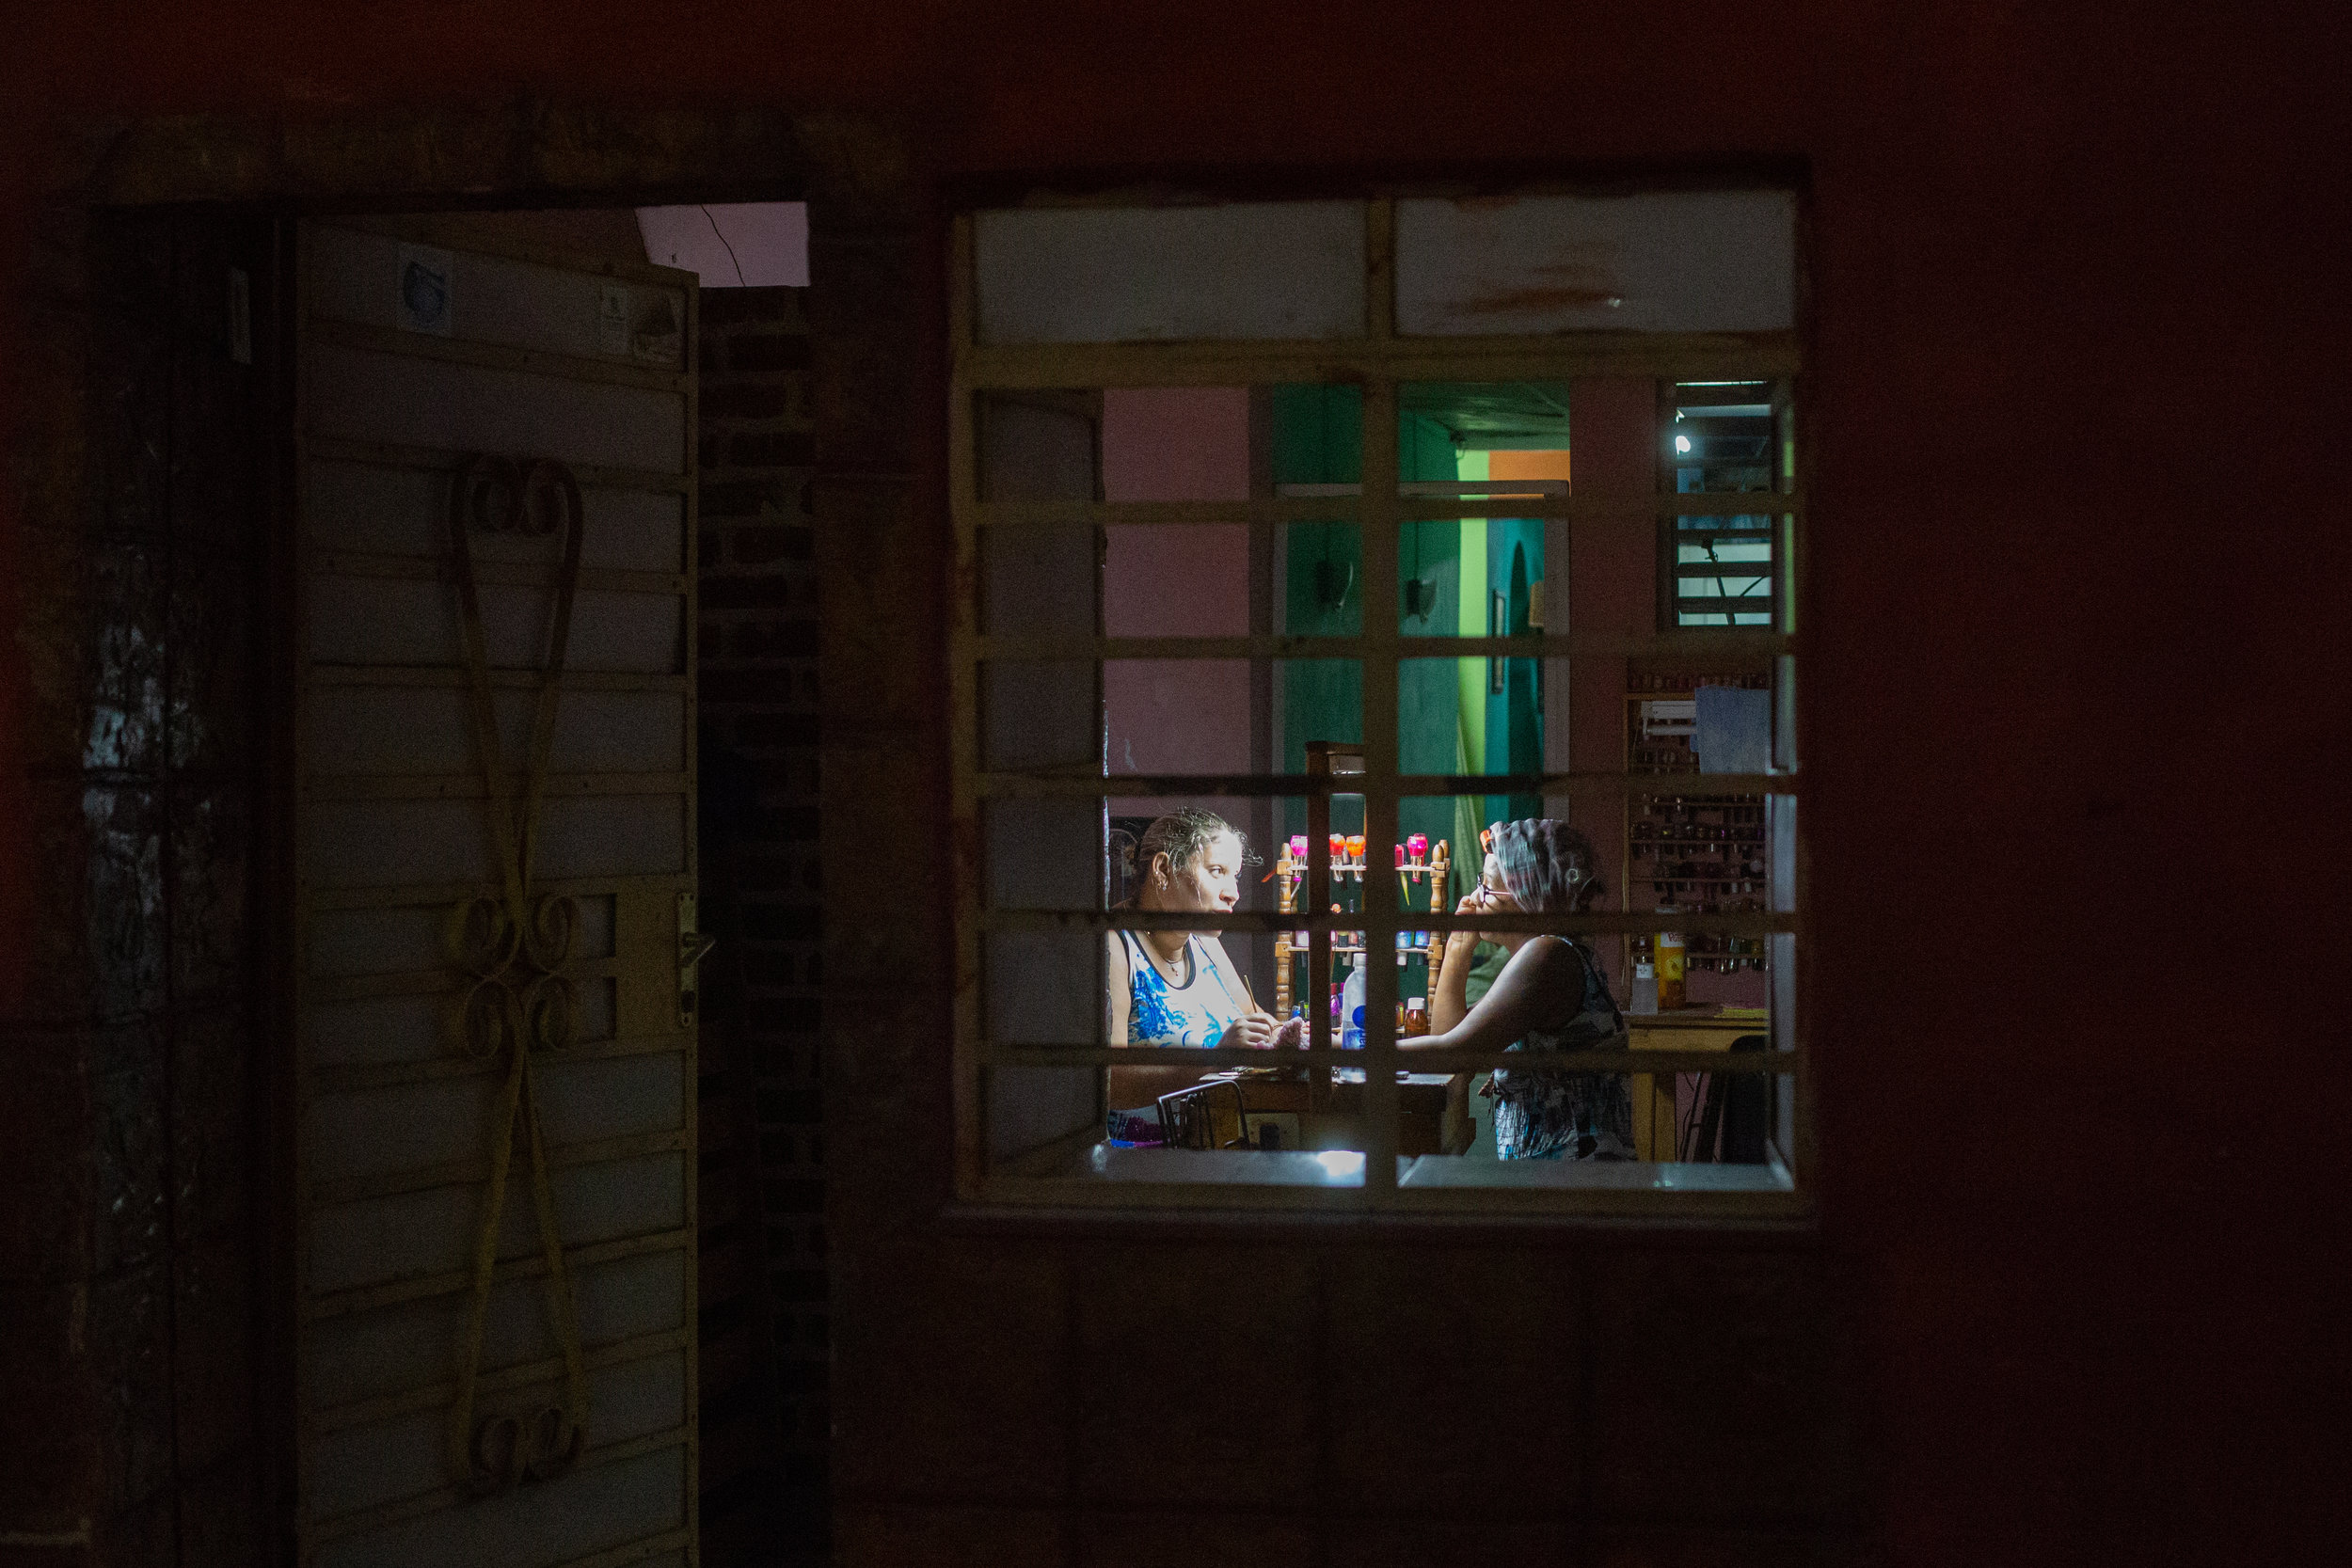 Cuba_Havana_201714.JPG